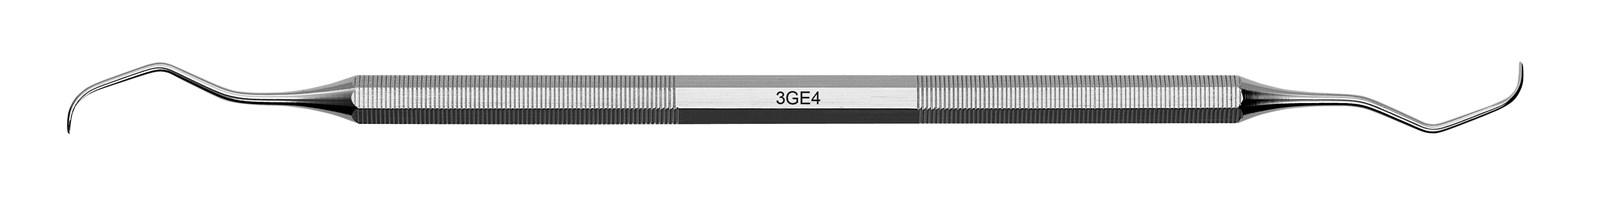 Kyreta Gracey Classic - 3GE4, ADEP silikonový návlek tmavě zelený